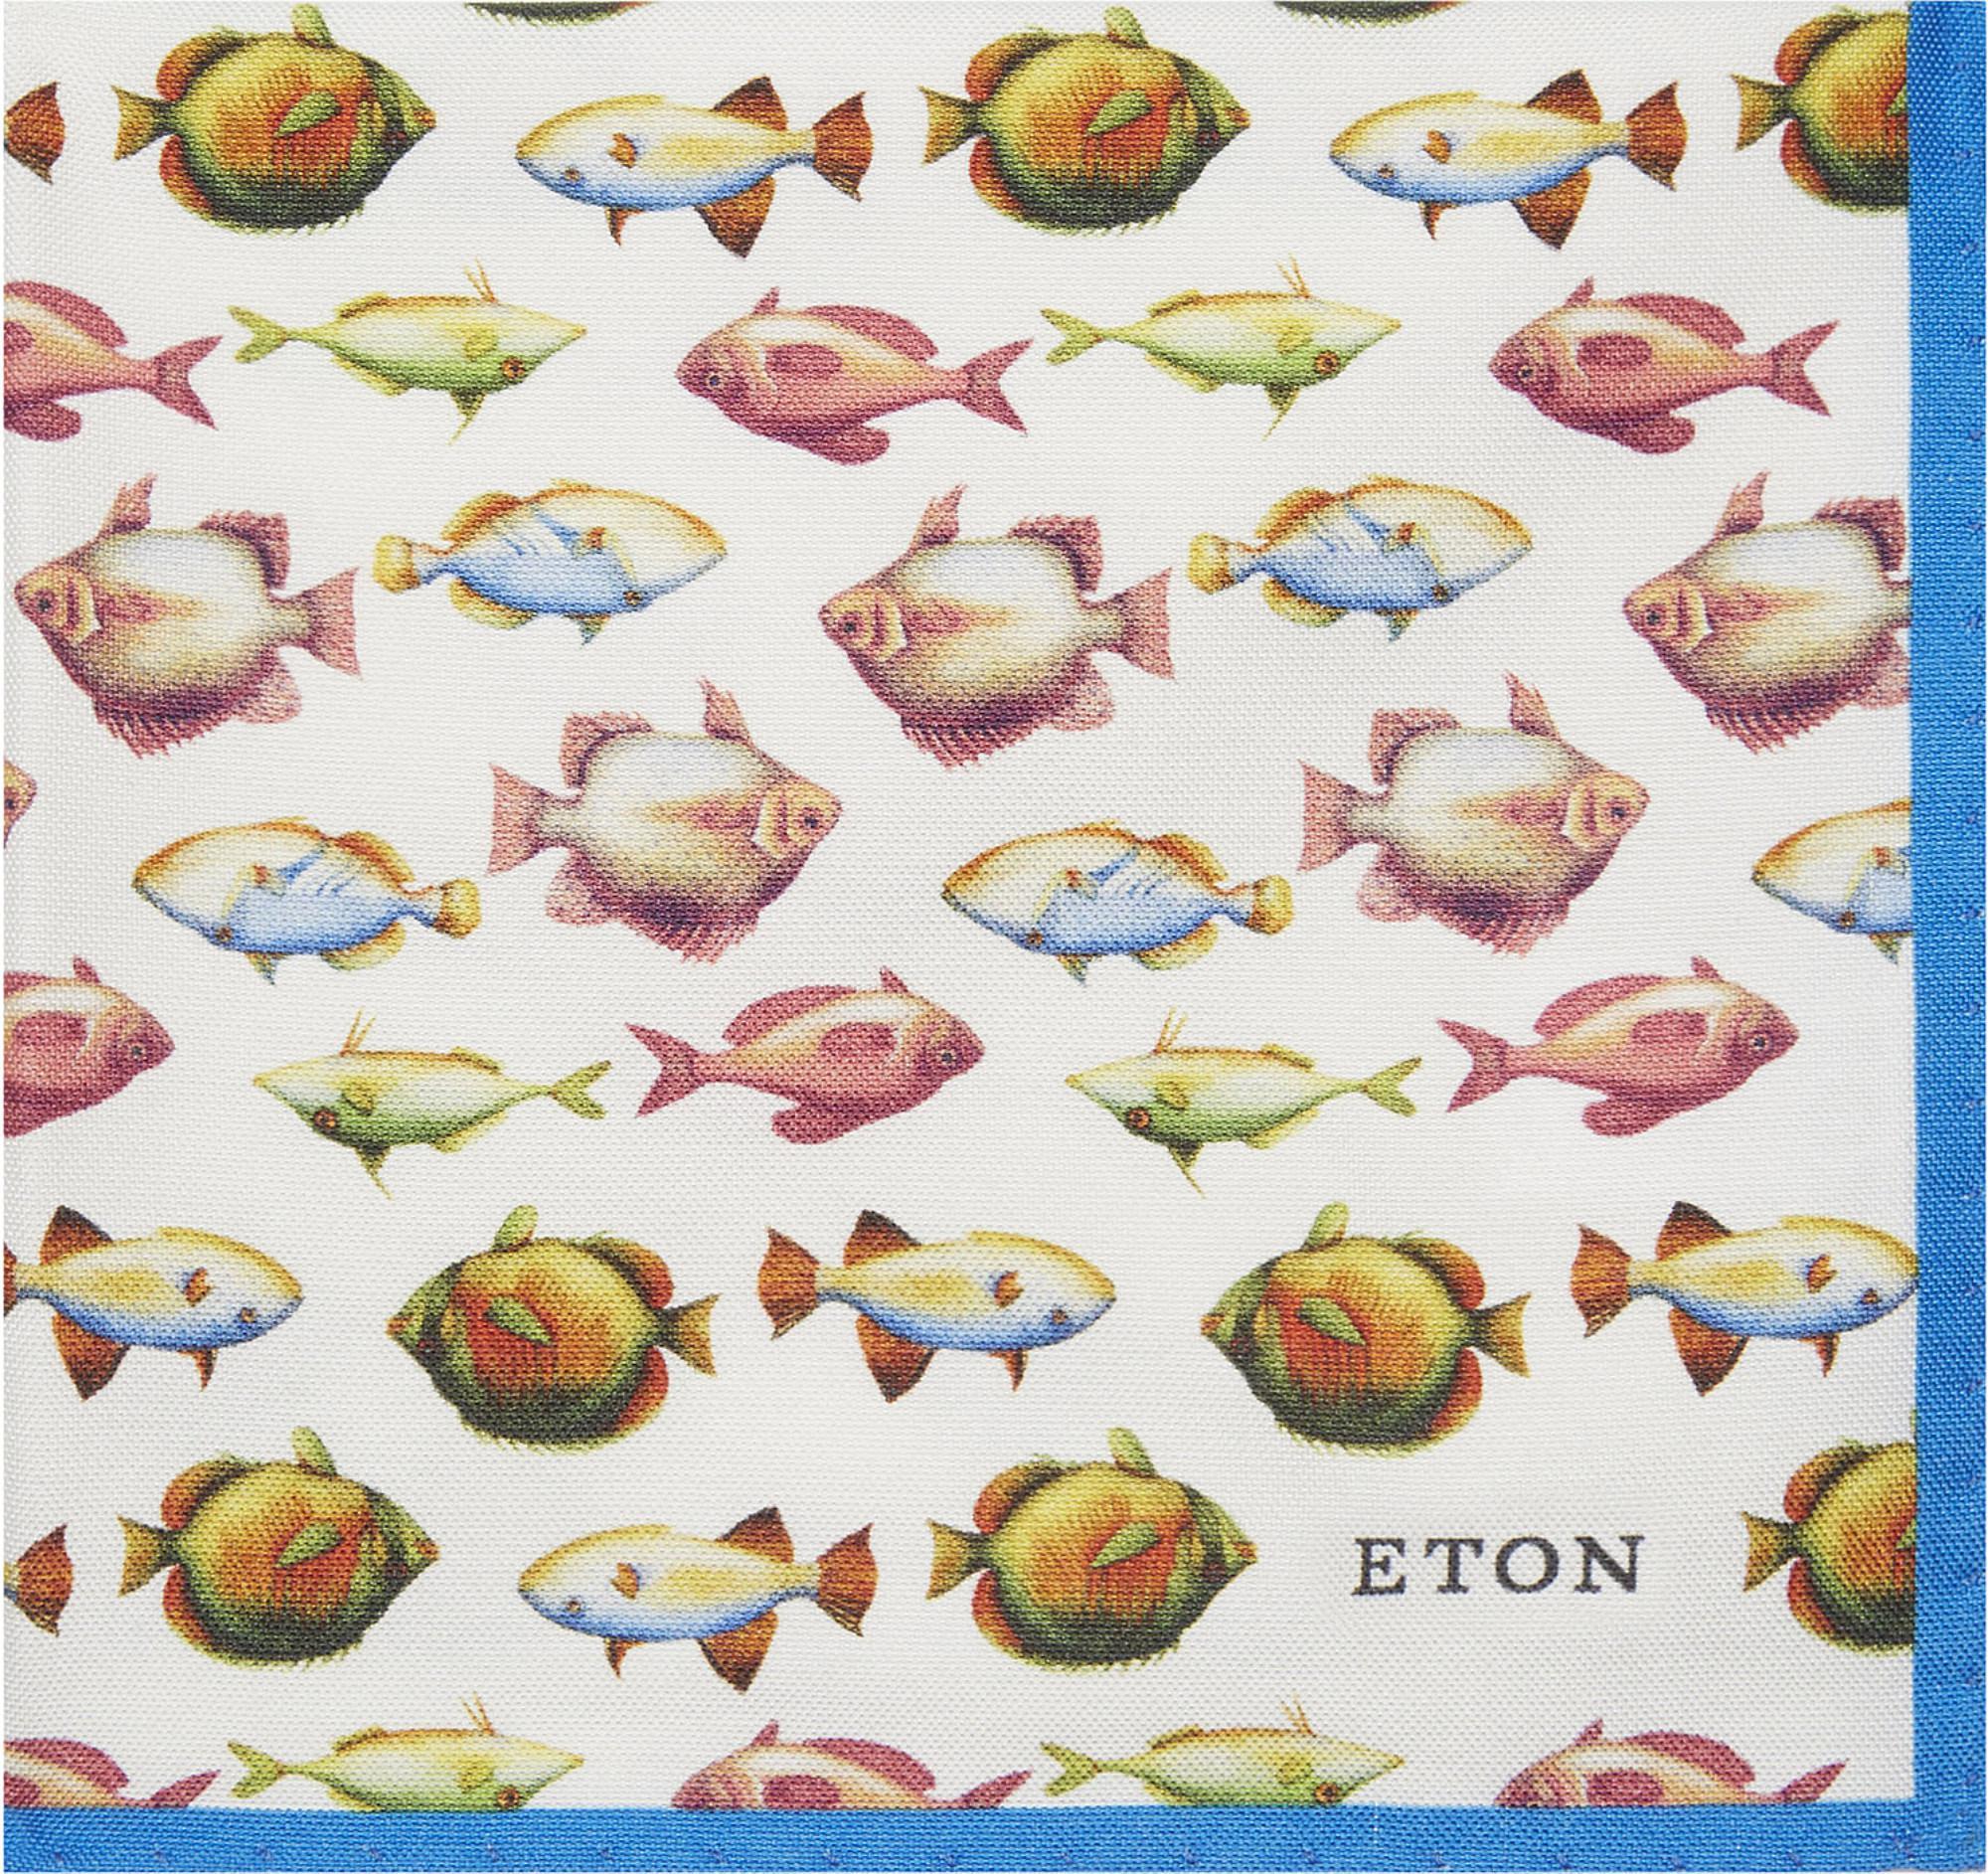 ETON PURPLE /& WHITE FISH PRINT POCKET SQUARE